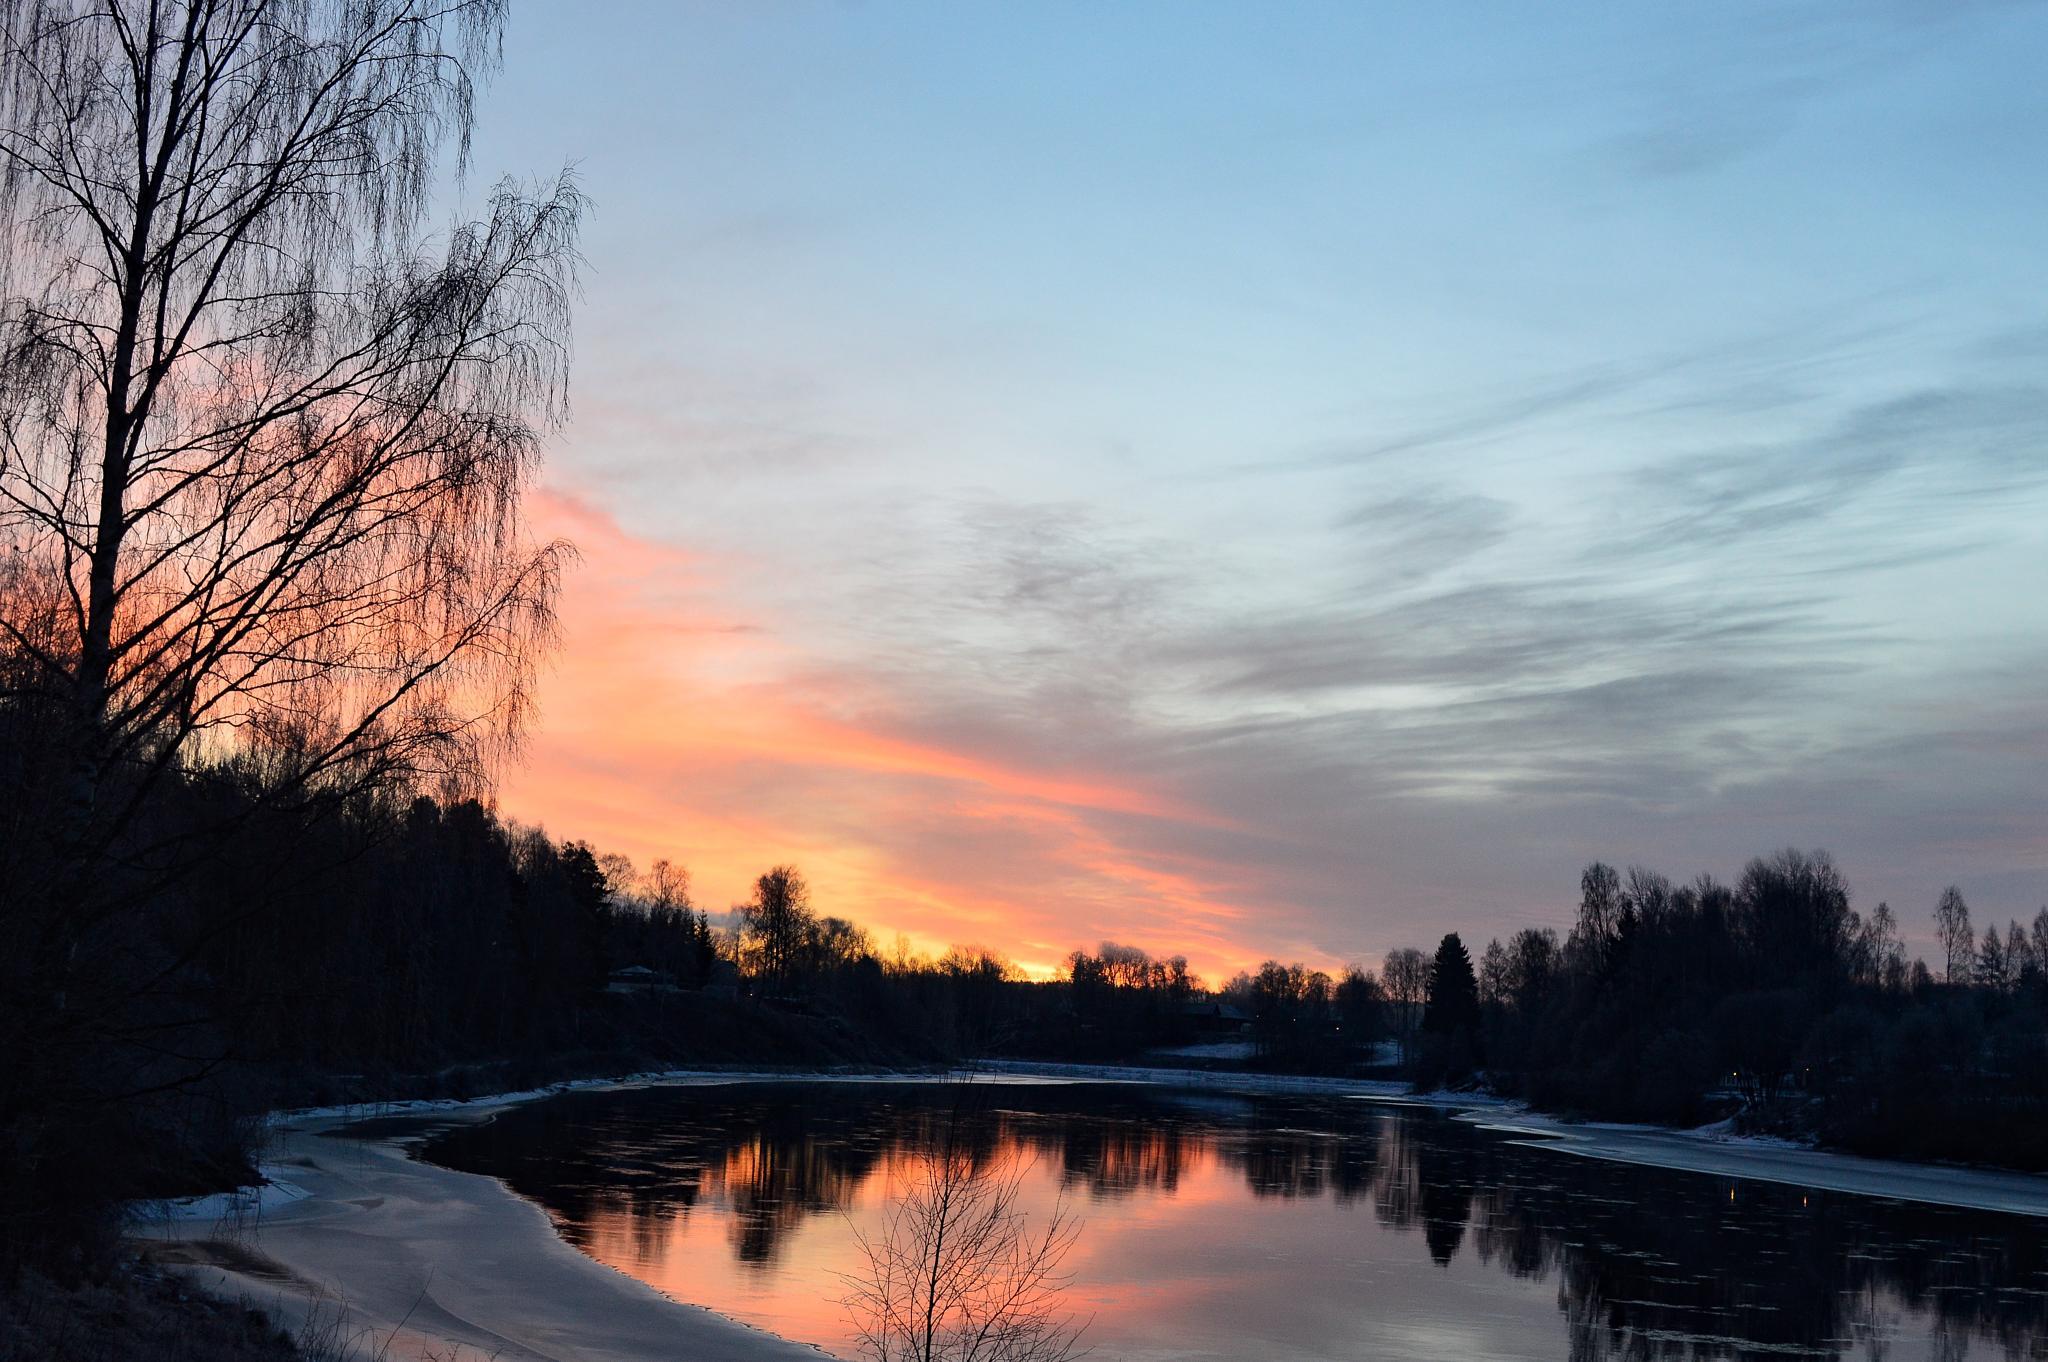 Pink River by michaeldahlen